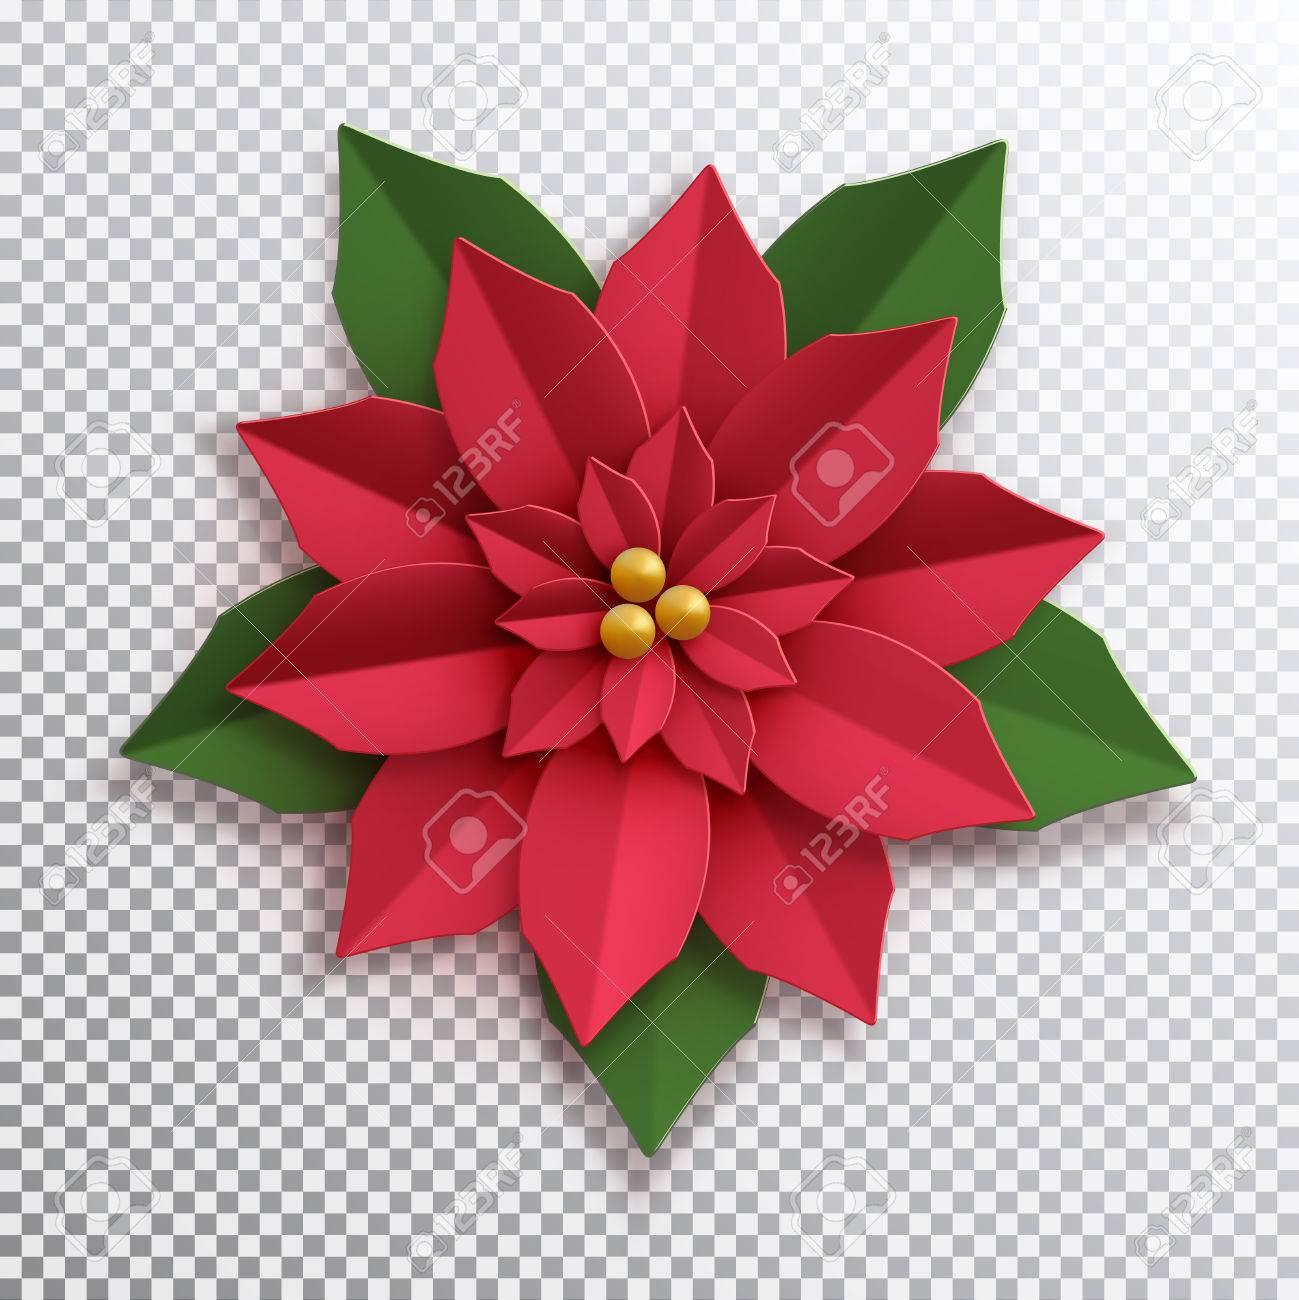 Christmas Star Paper Poinsettia Red Flower Vector Illustration